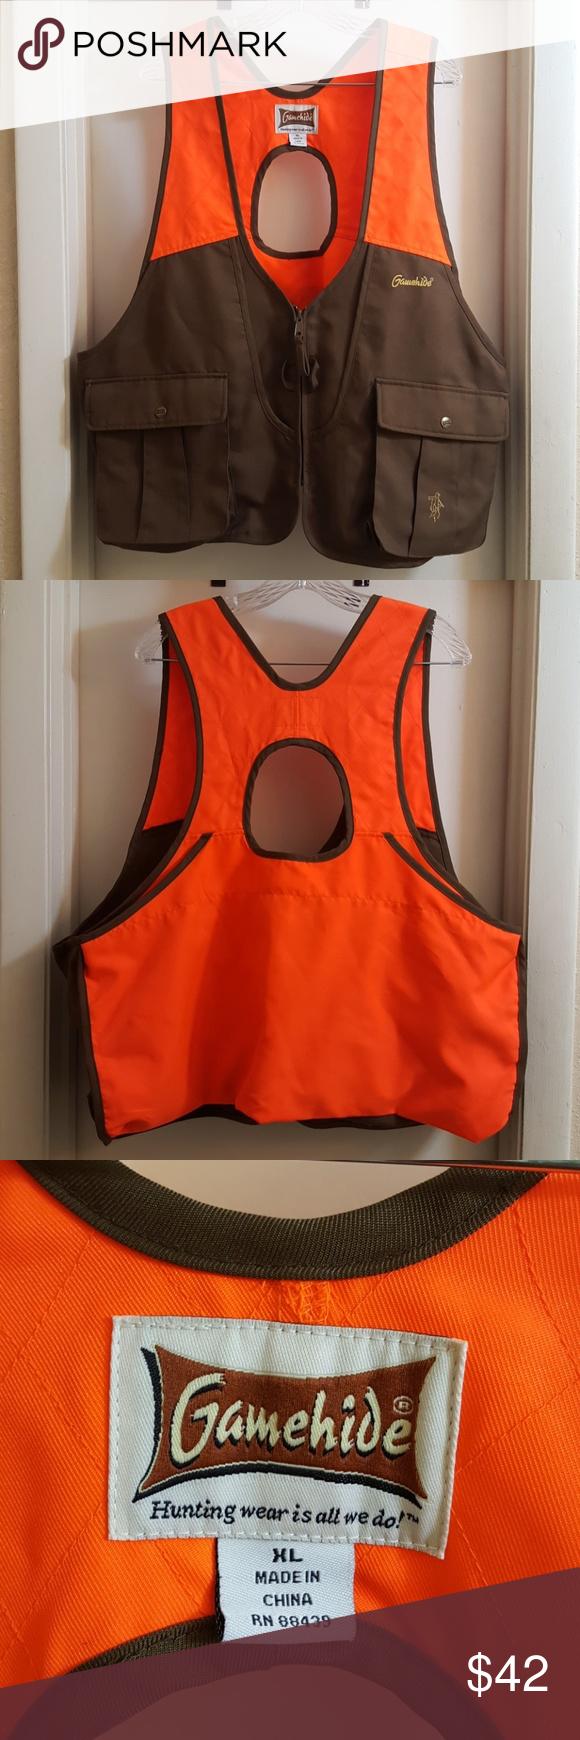 *SOLD* GameHide Hunting Safety Orange Vest XL Orange